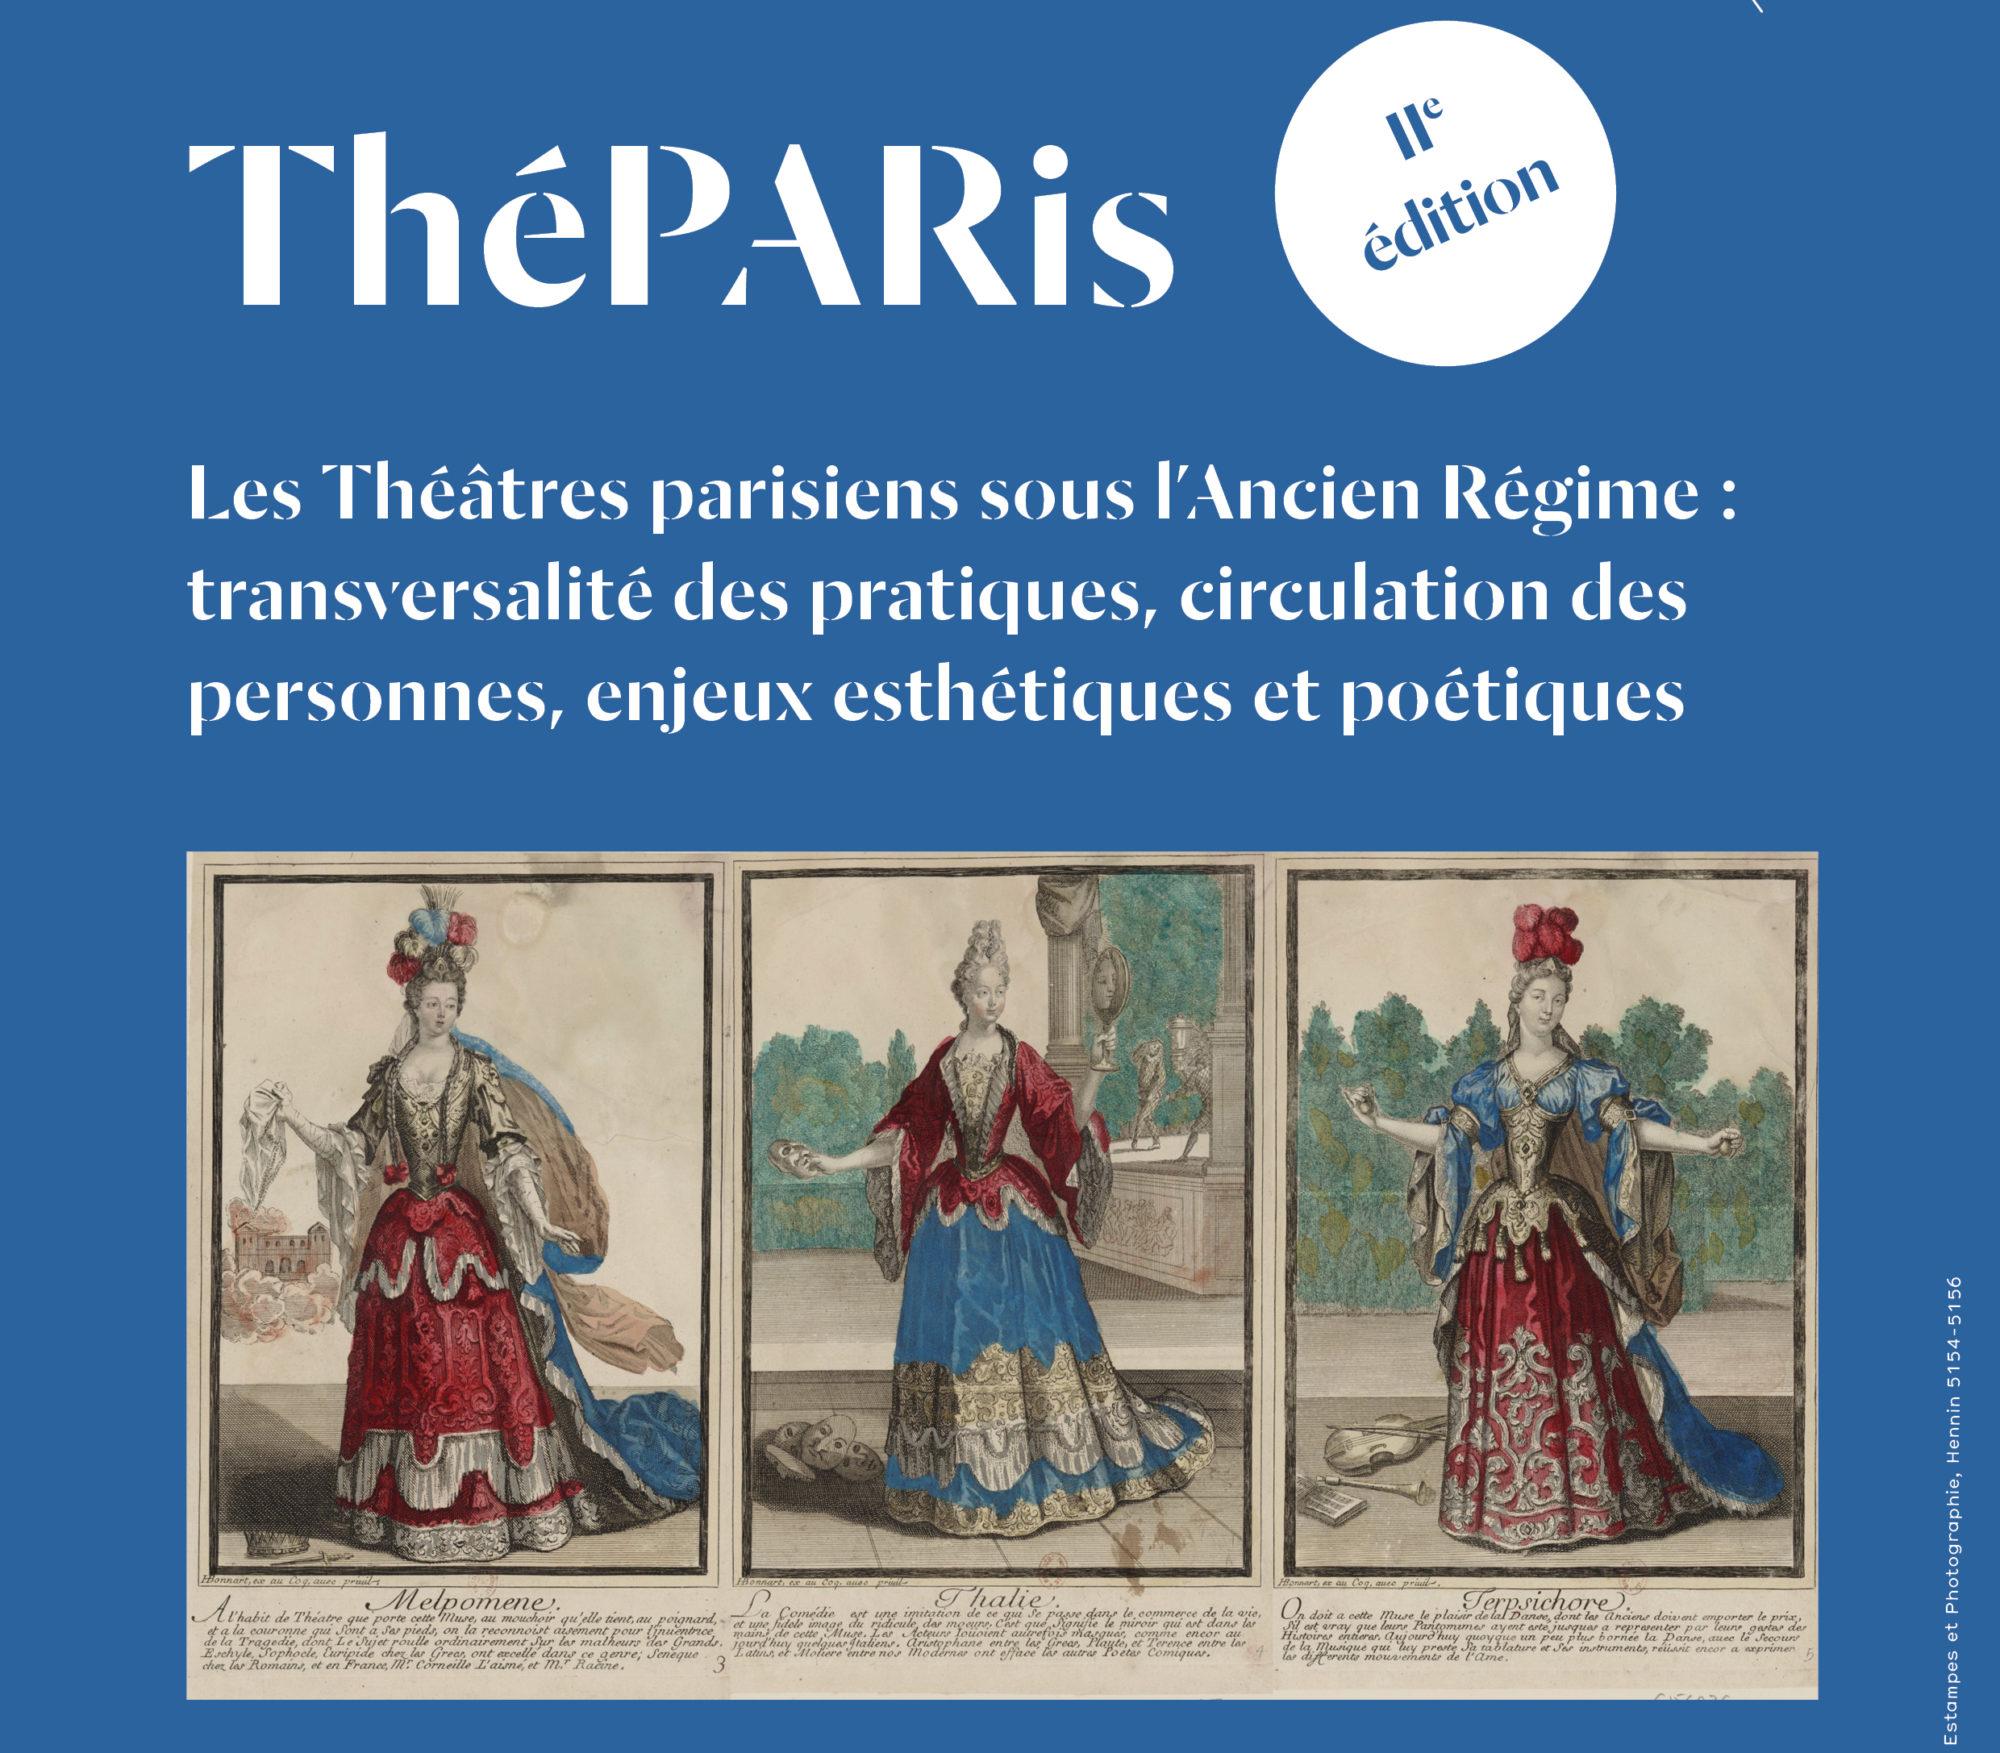 ThéPARis